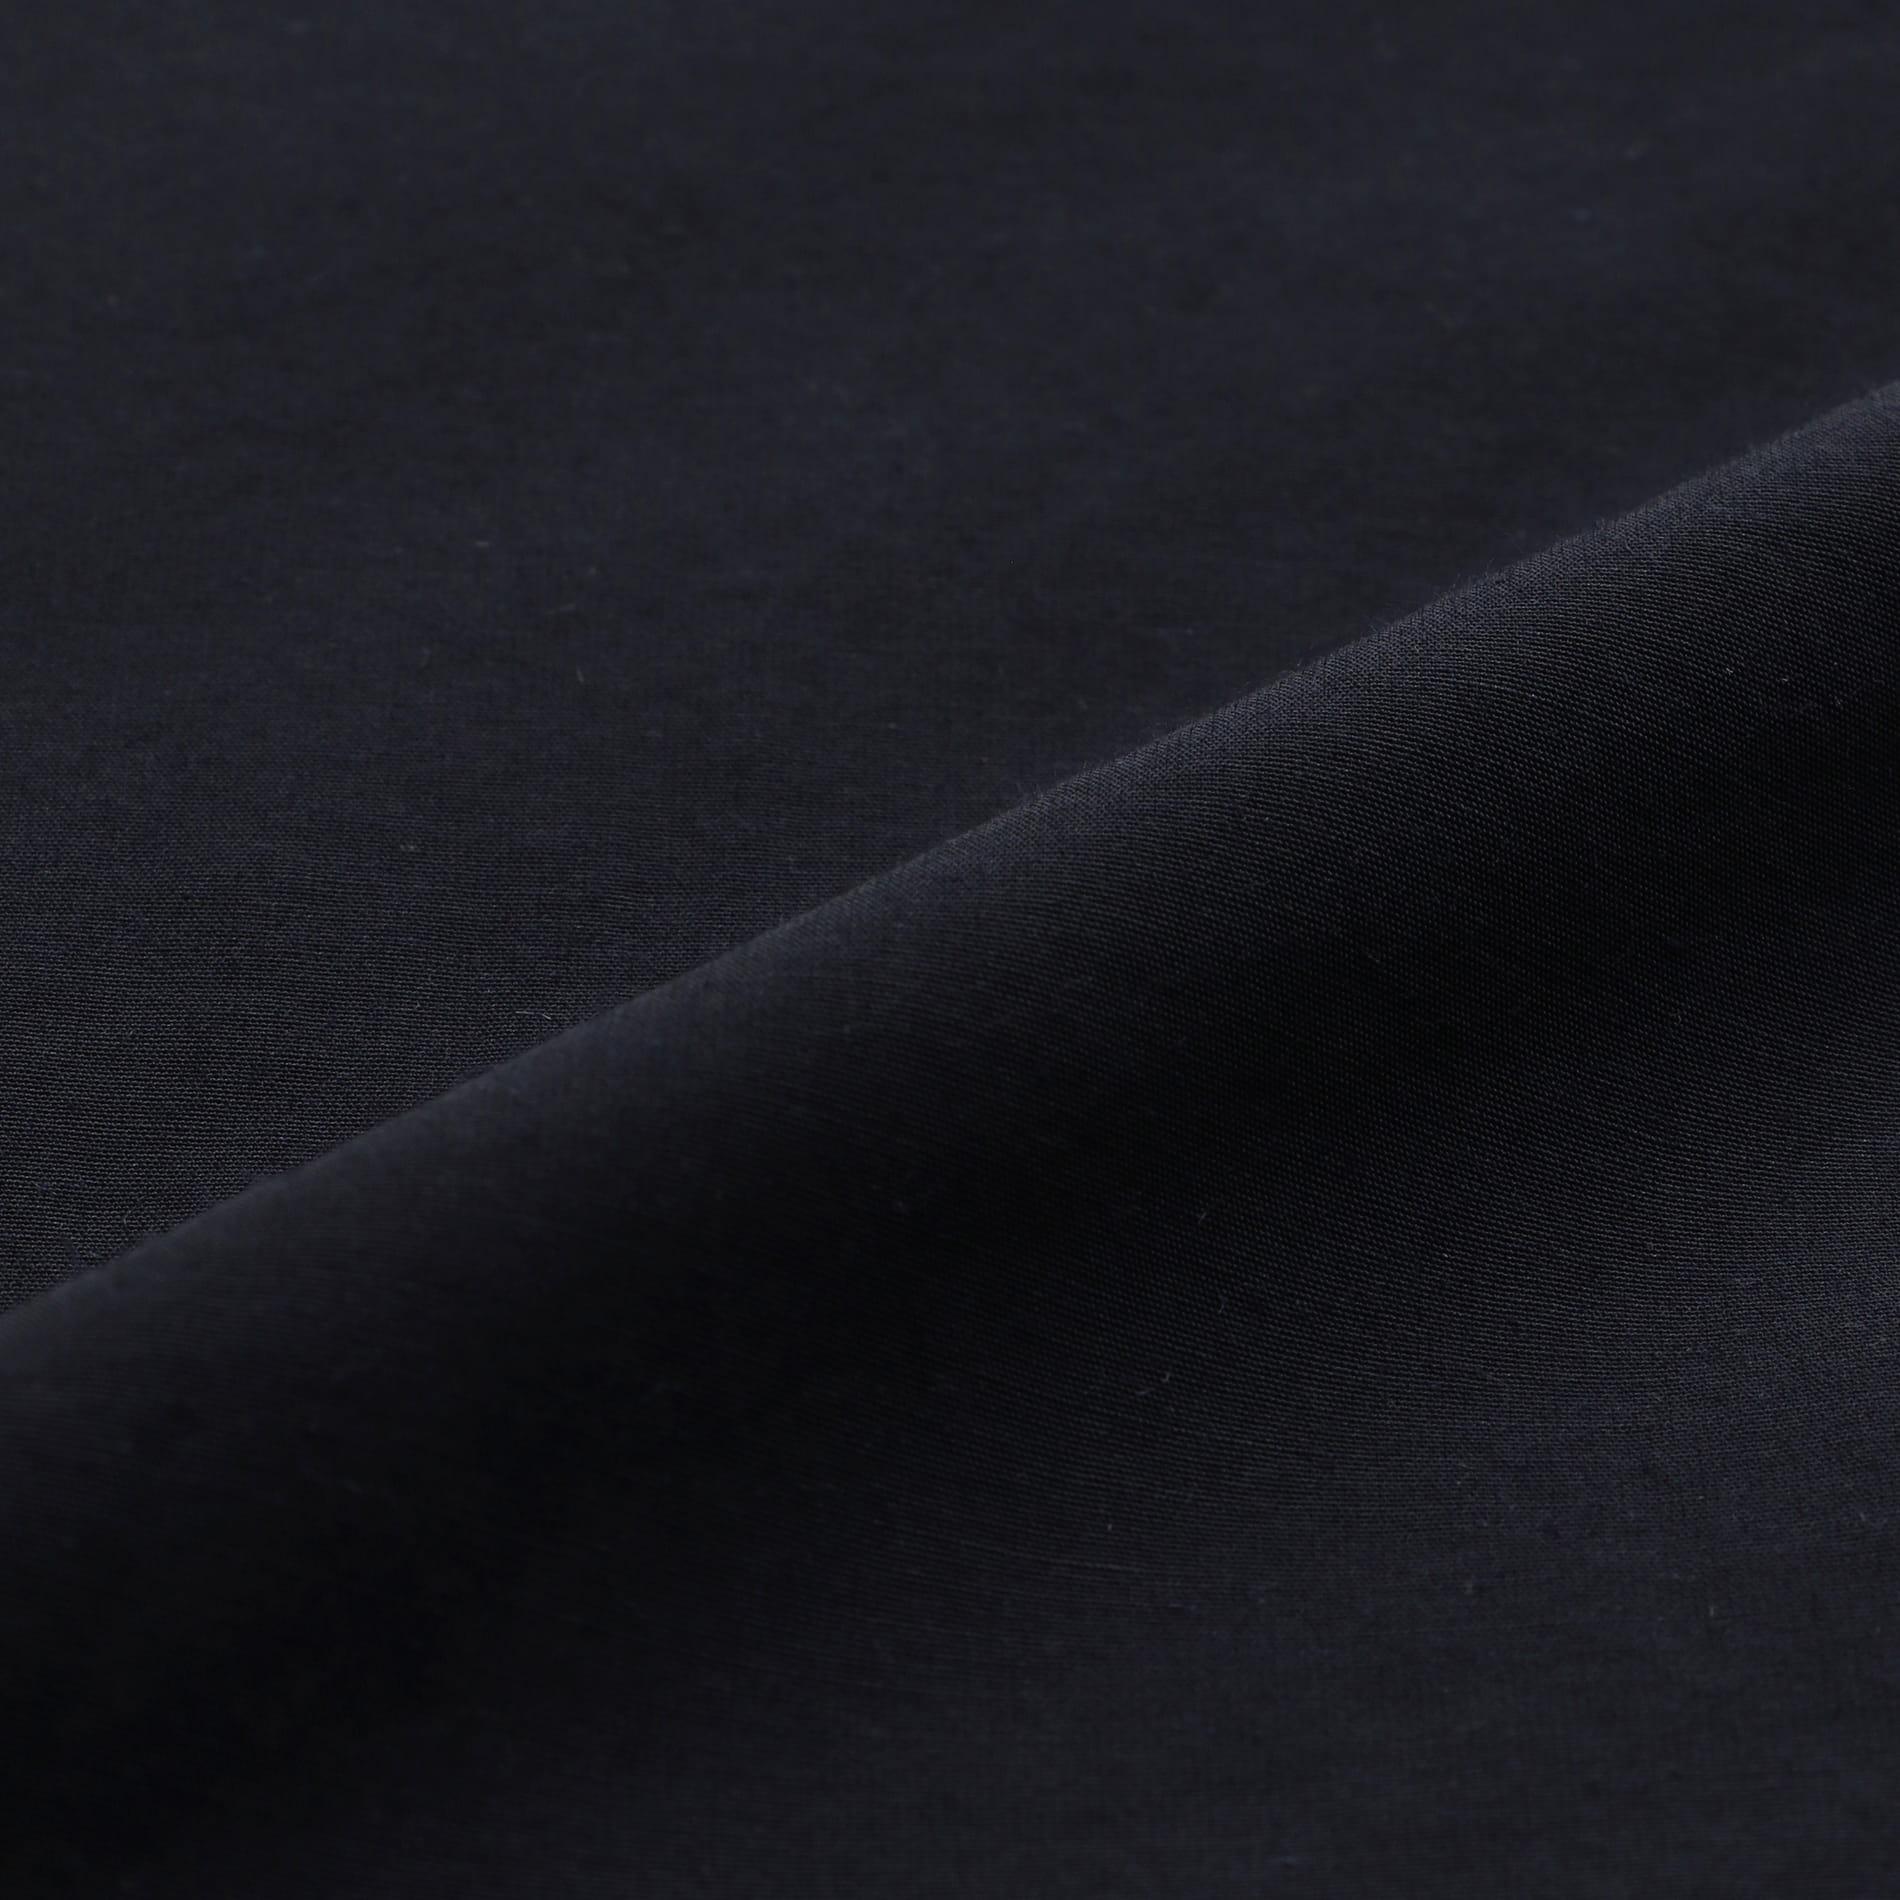 〈タイムセール〉【08sircus】MEN リブネックプルオーバー S19SM-SH05